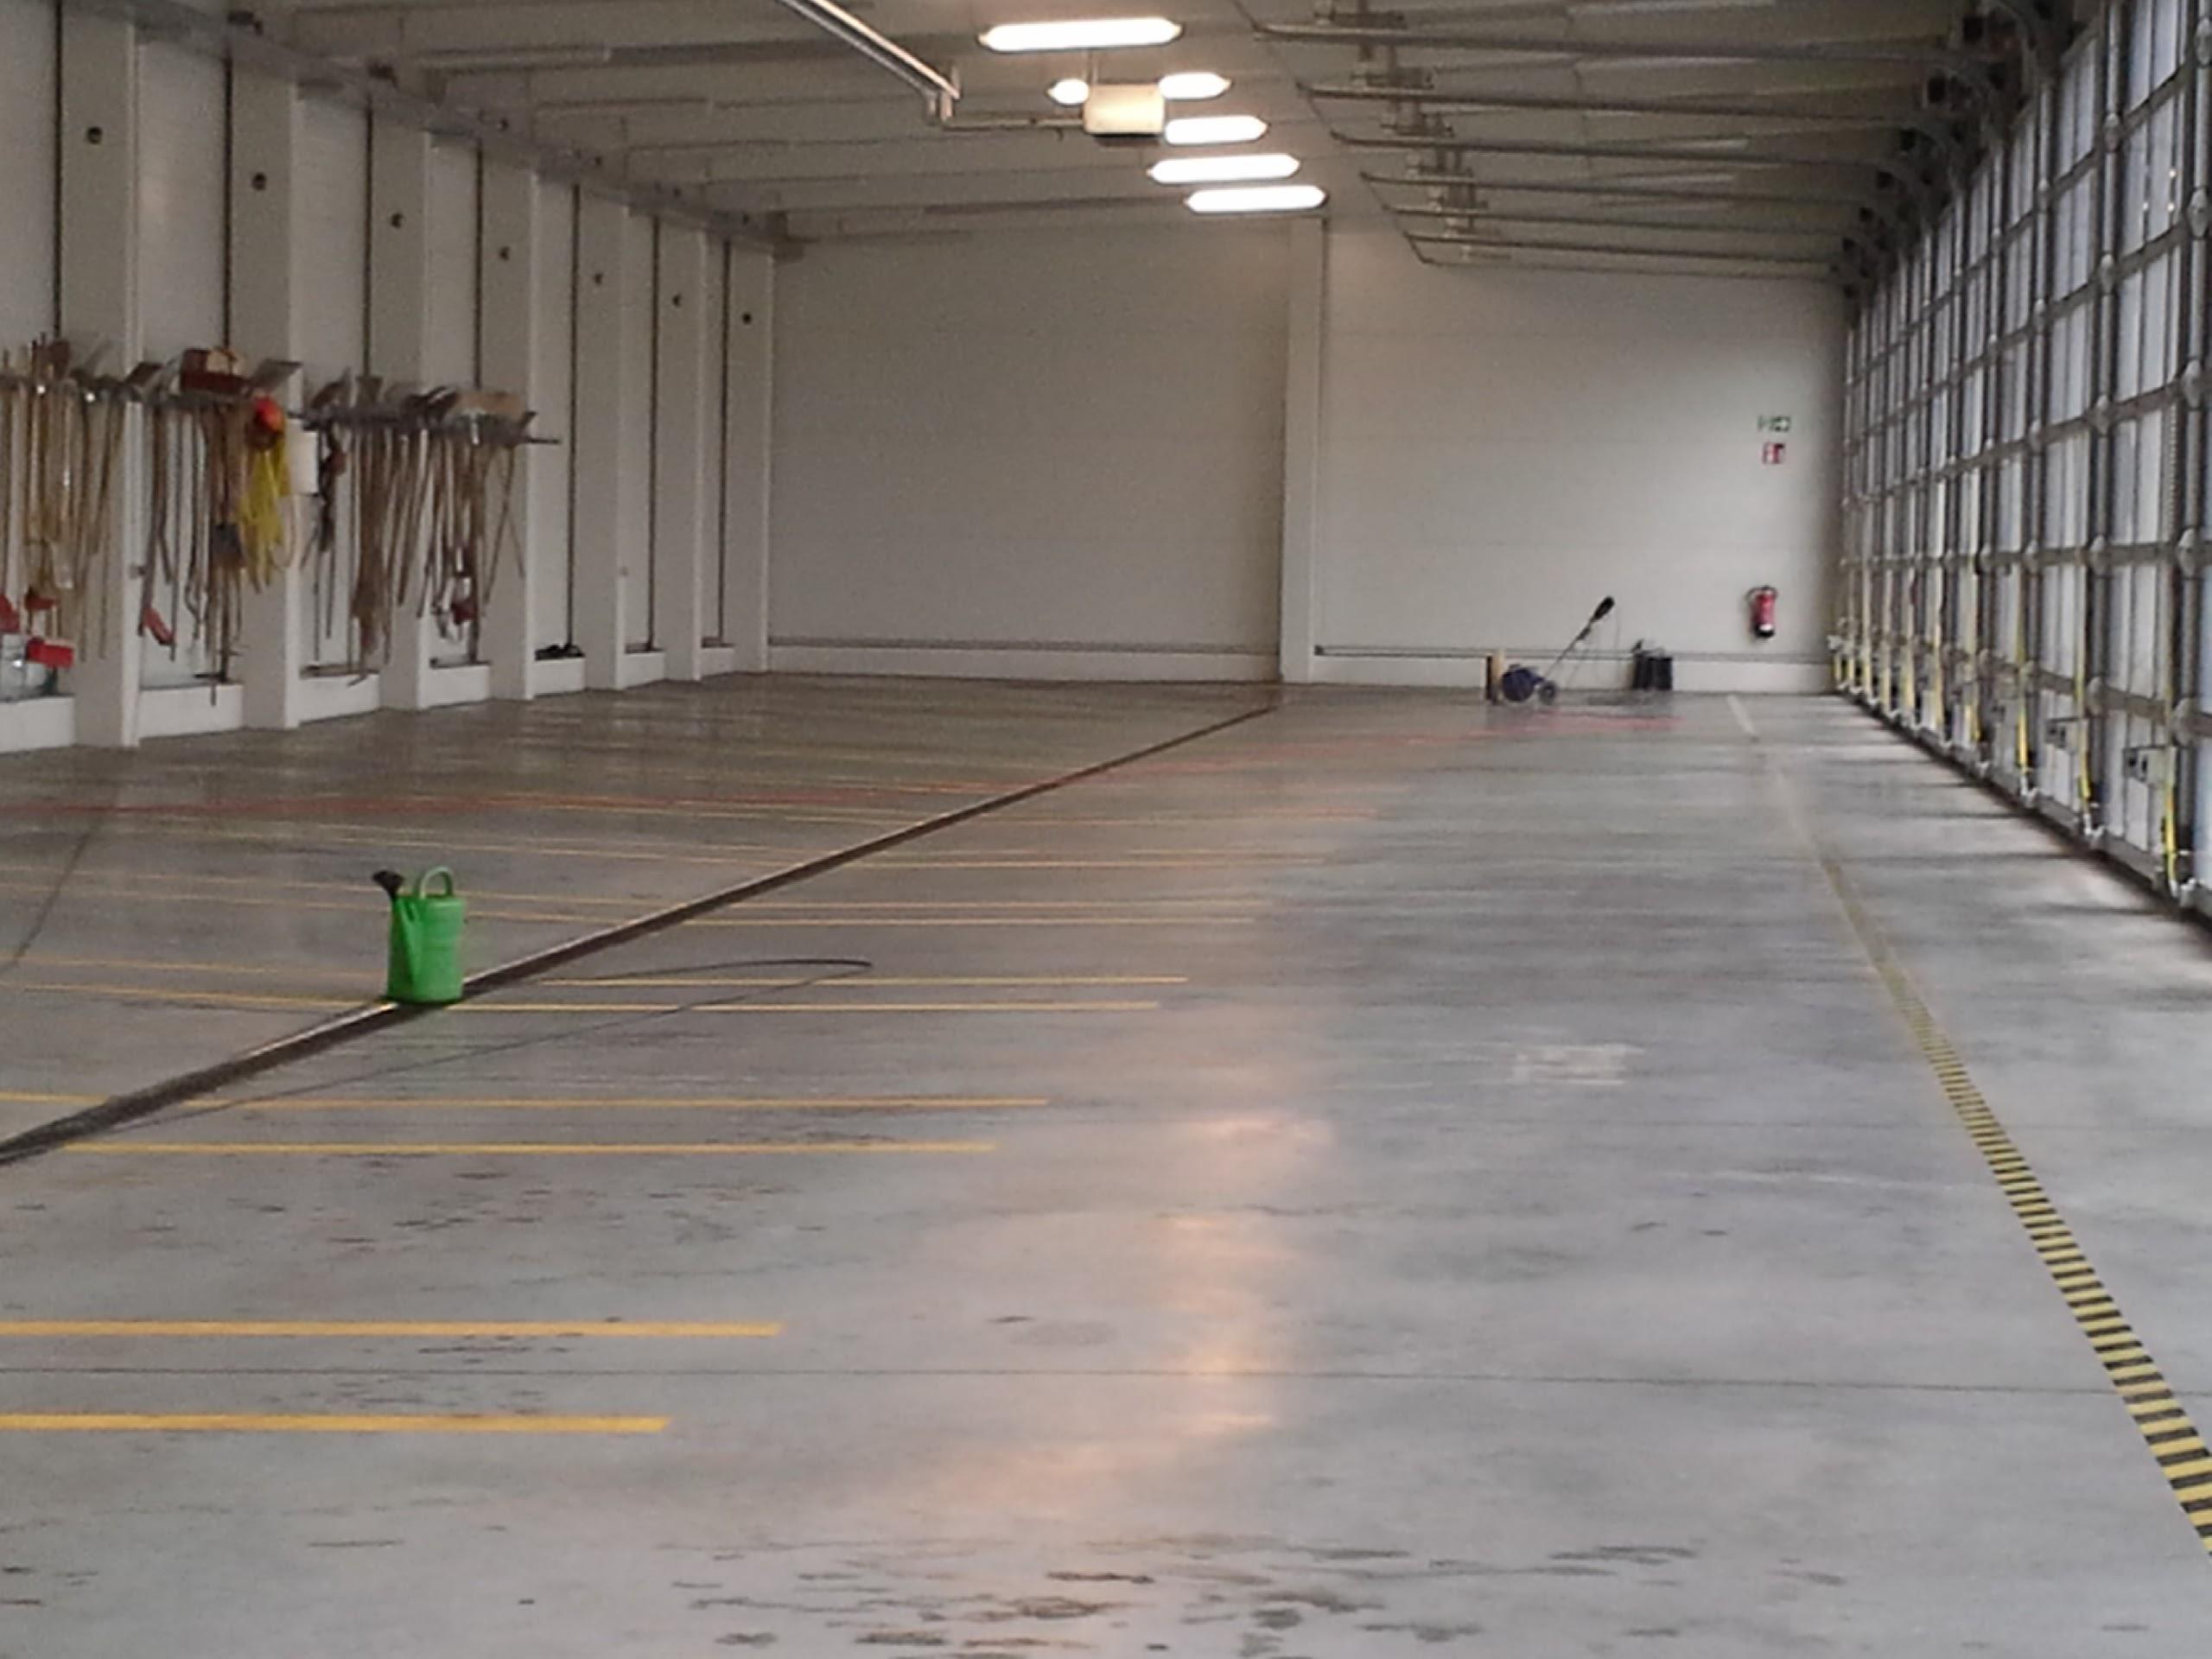 Beton Versiegeln beton versiegeln fertig behandelter in einer lagerhalle beton in